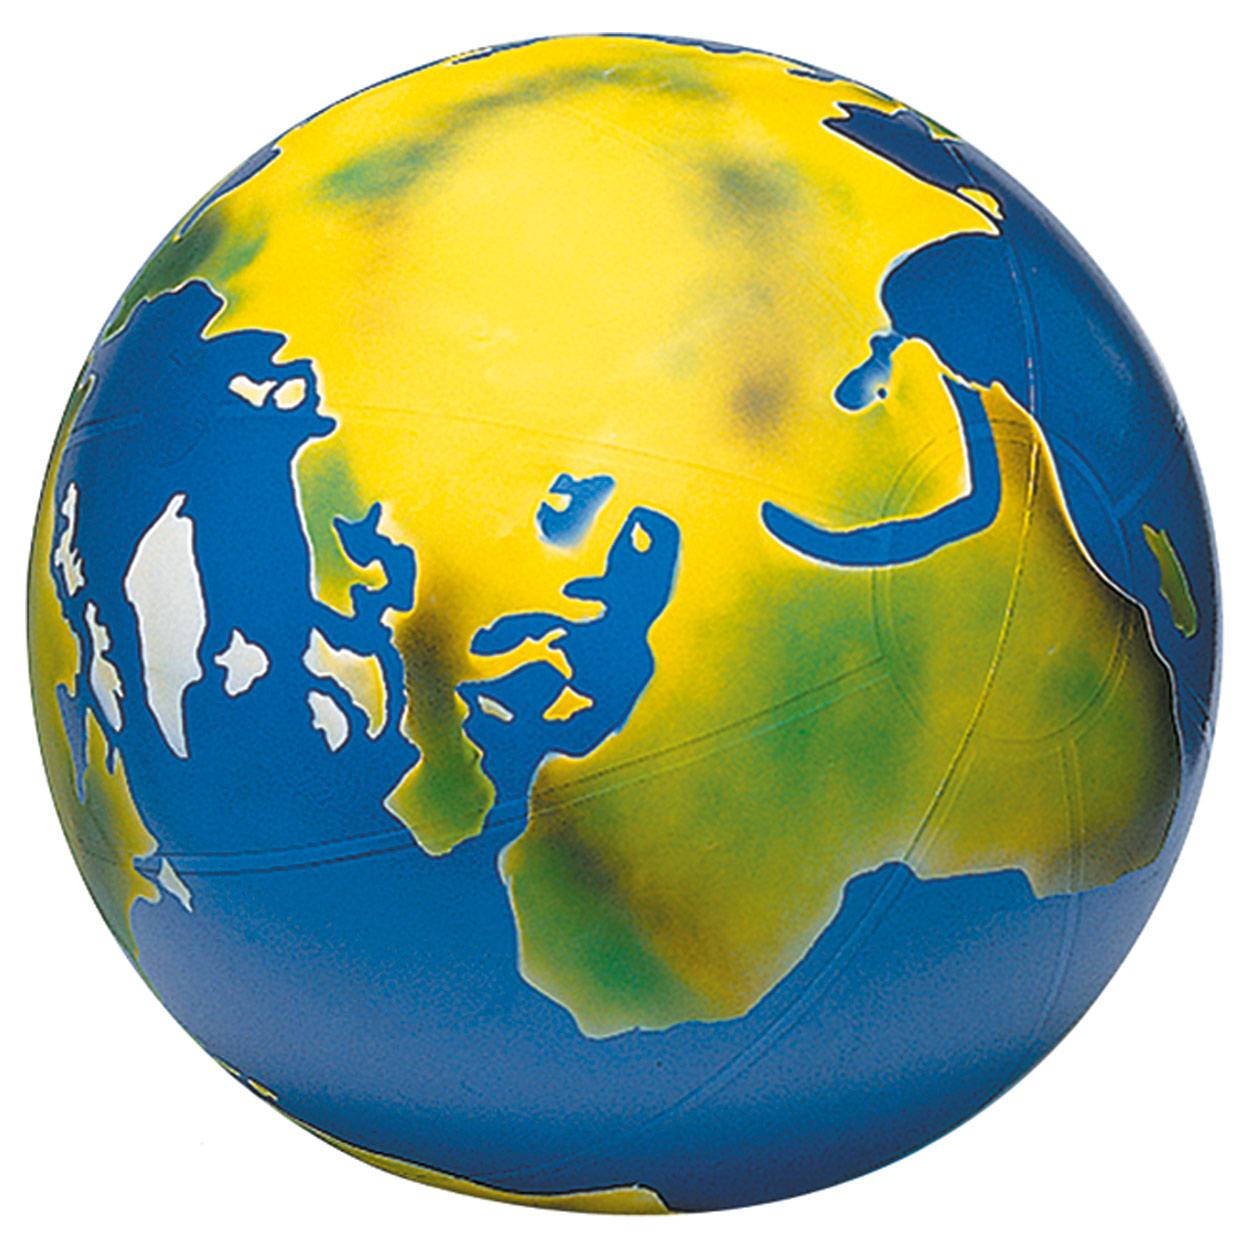 Weltkugel Kinder TOGU Erdball mit Schablonierung aufblasbarer Globus